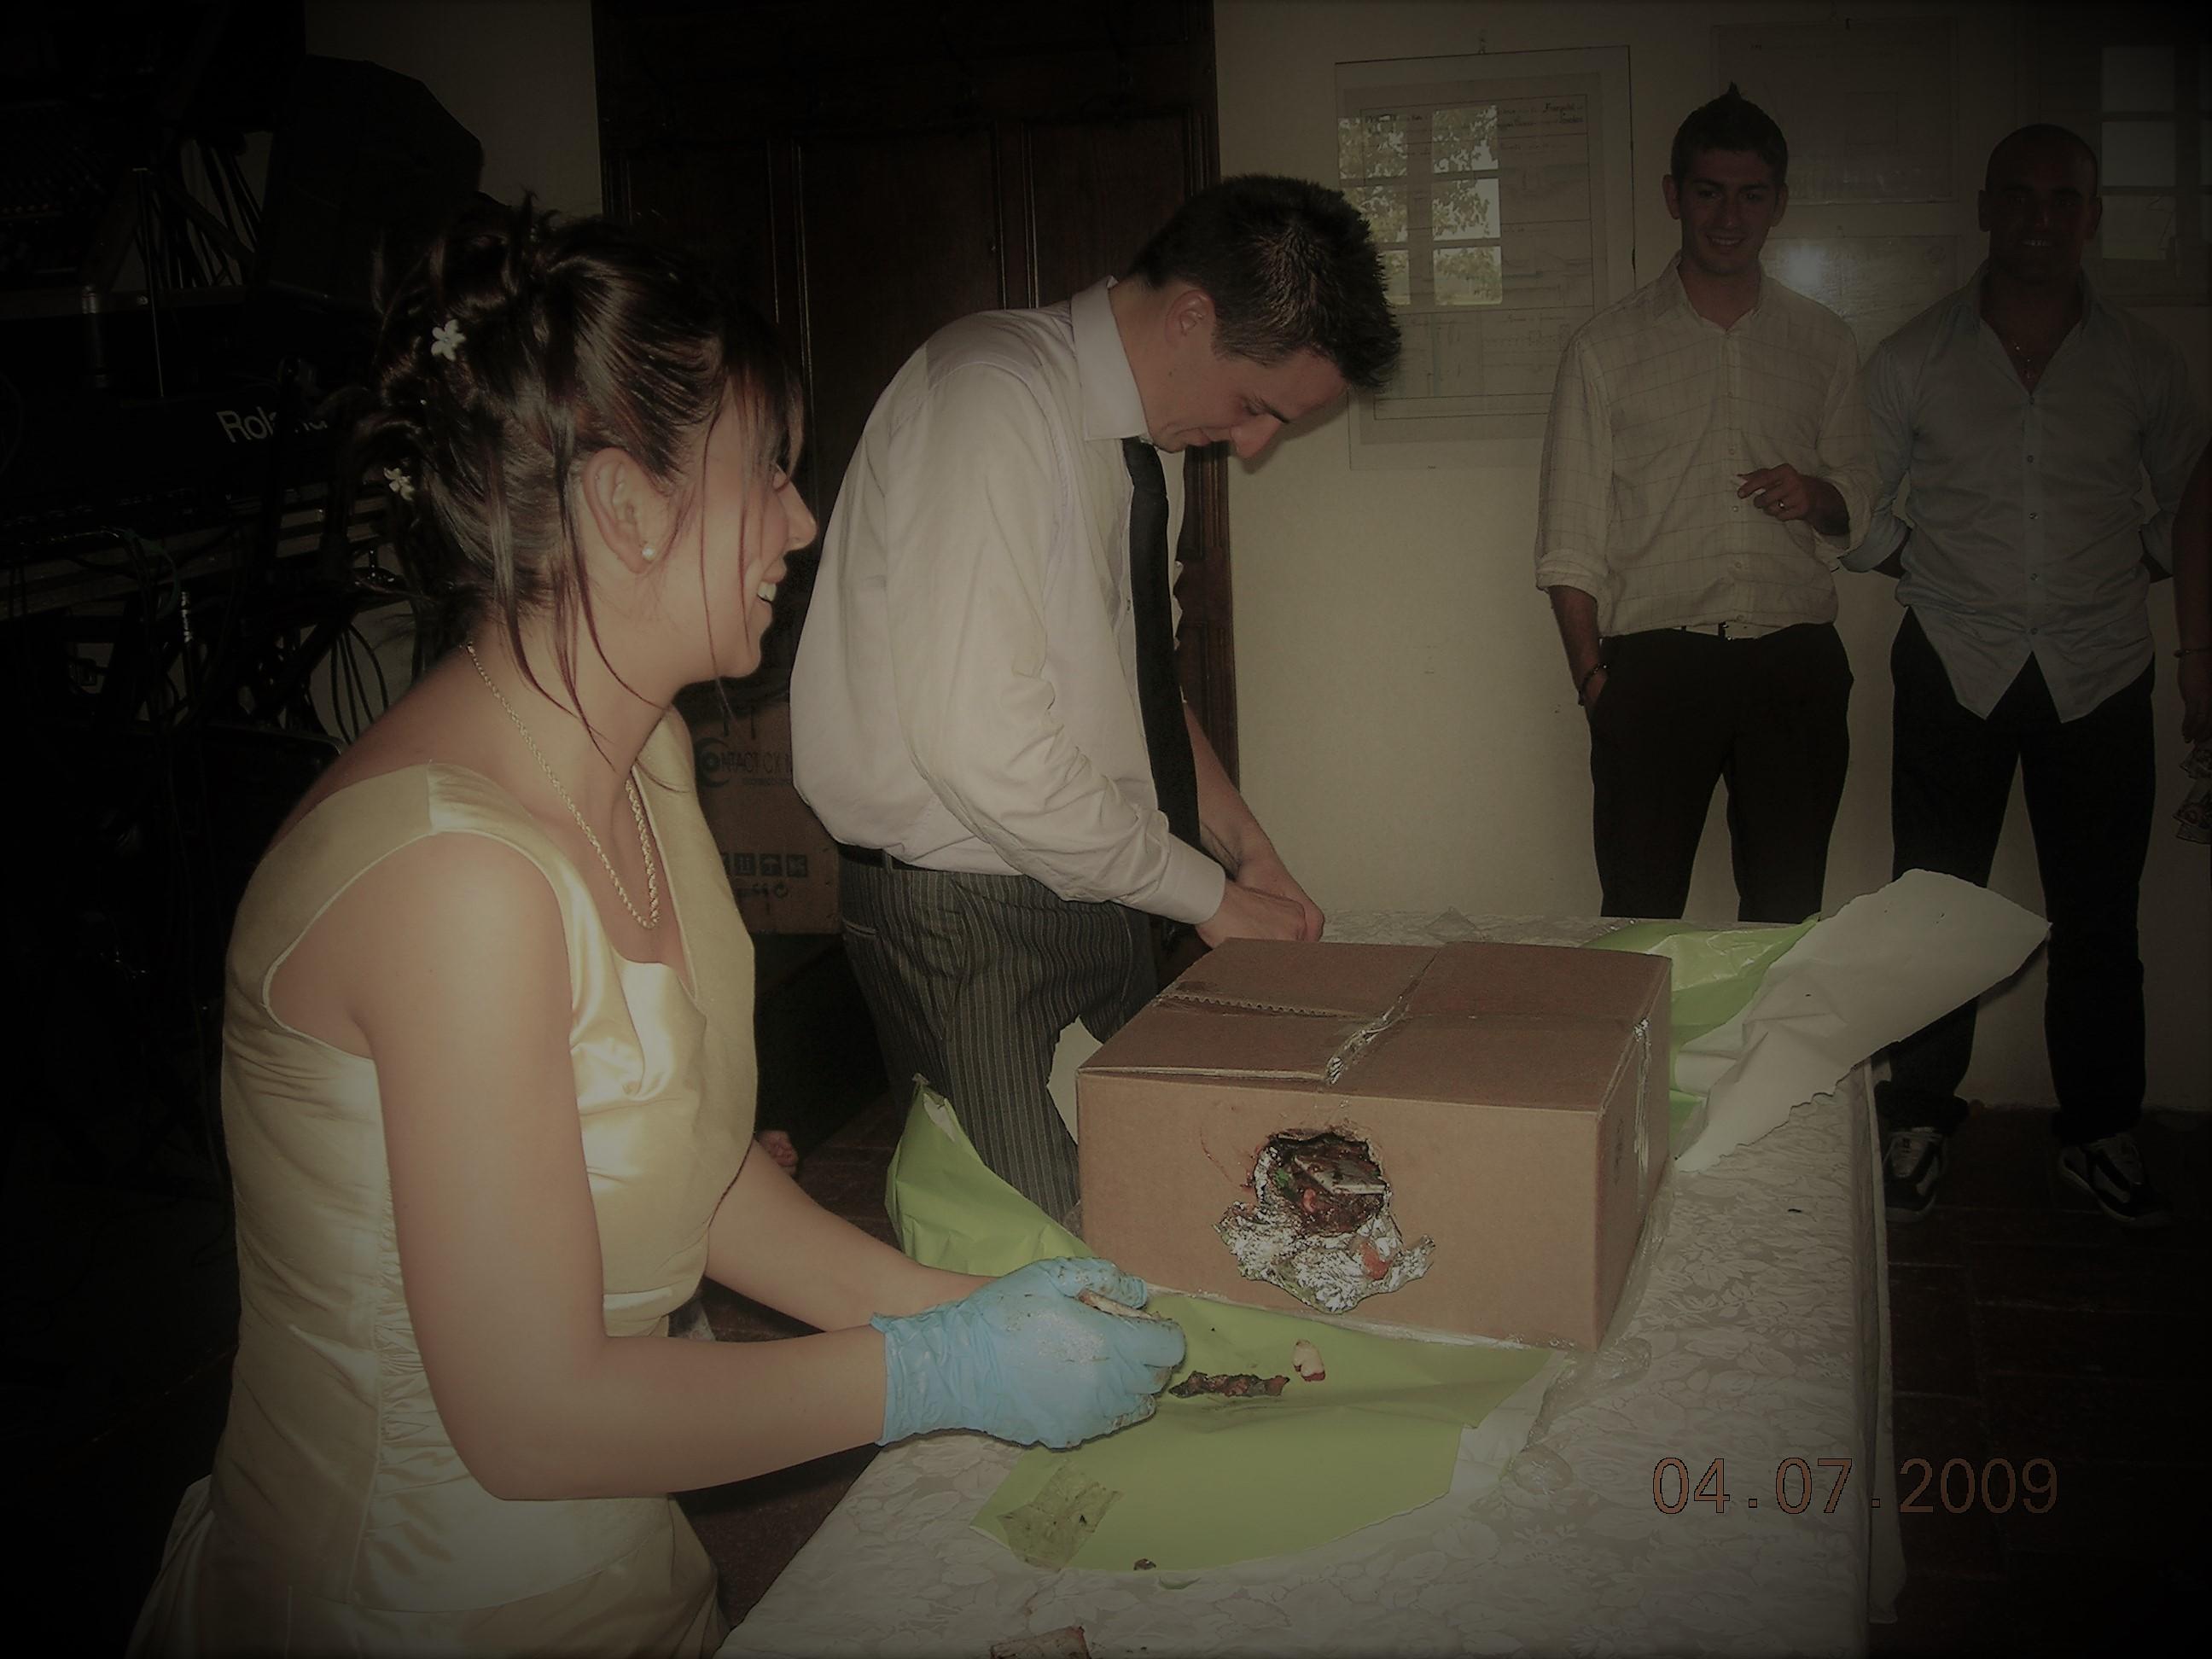 Oscar e Emanuela 04.07.2009 - 107.JPG